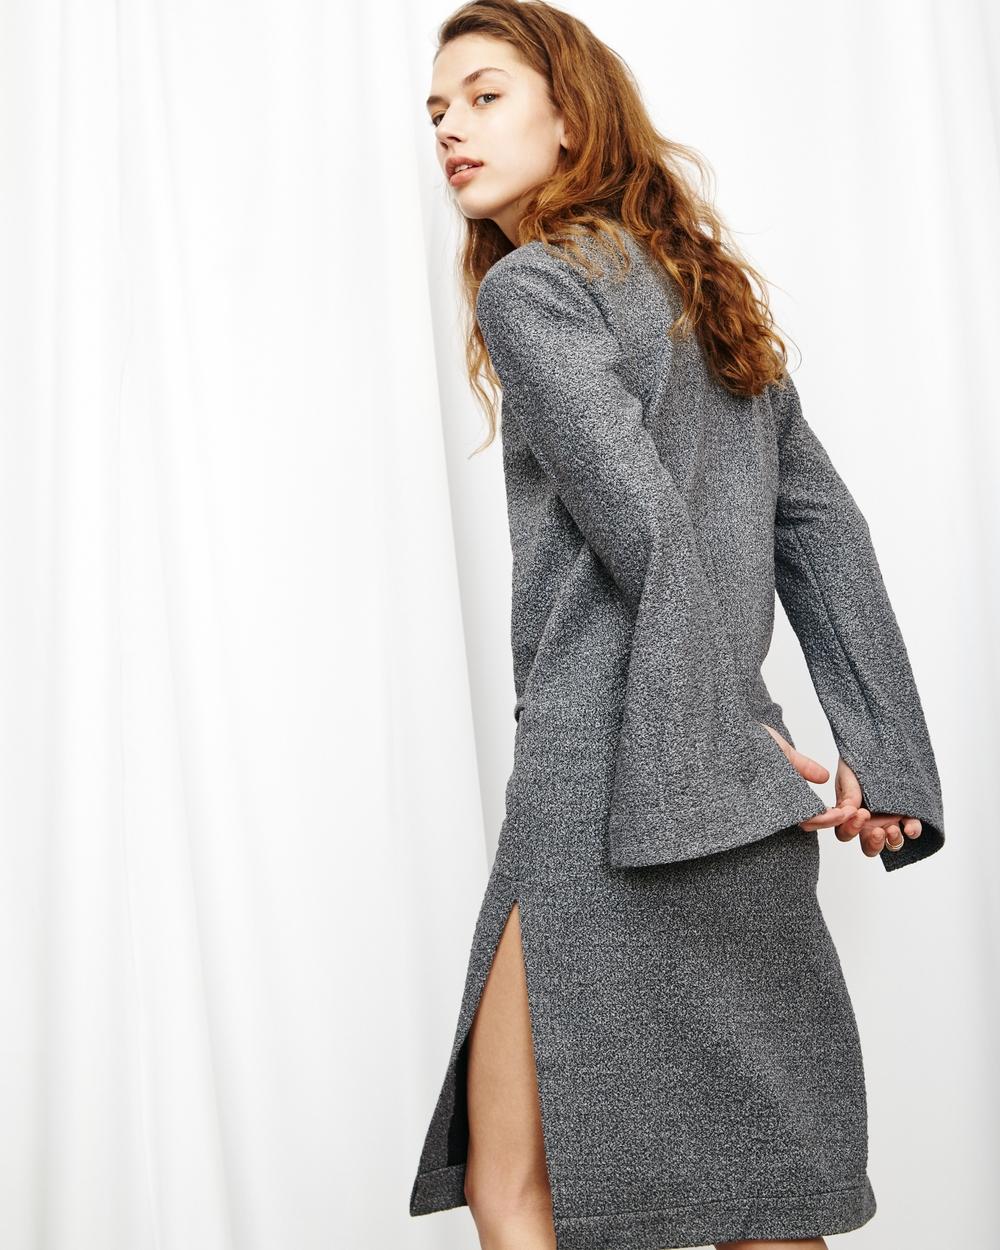 Zion Rib Dress in Concrete 69€